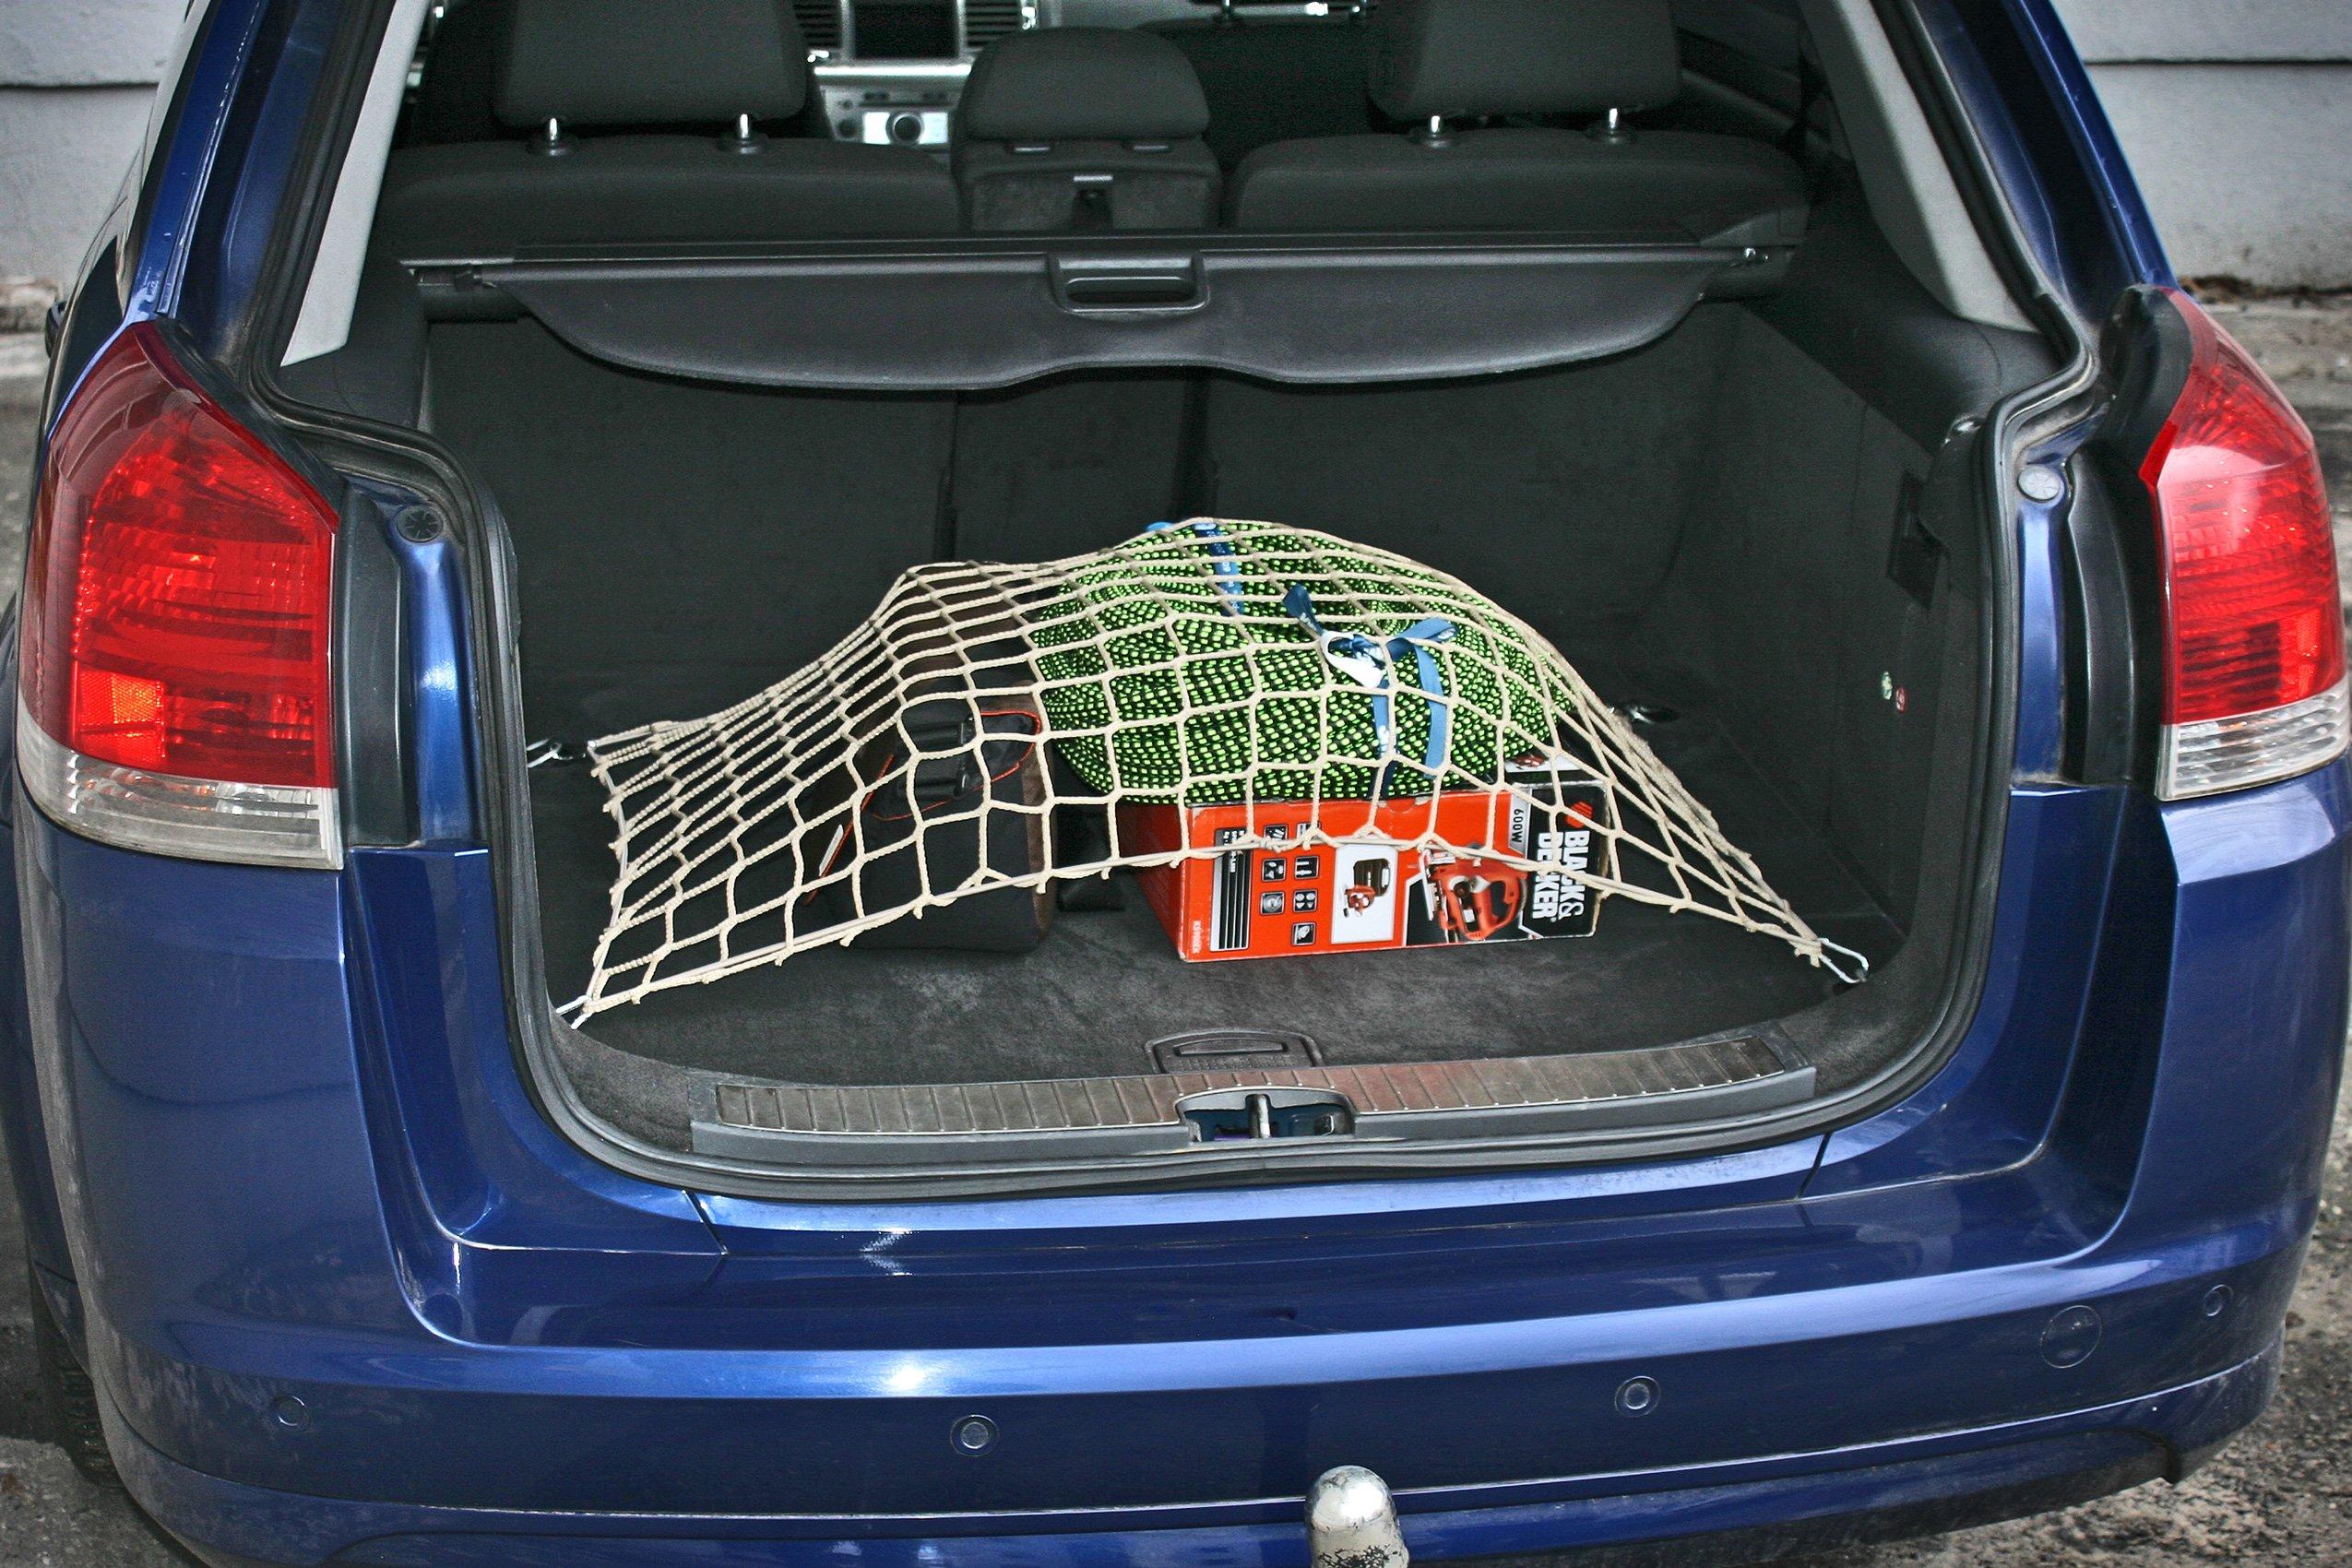 сетка в багажник авто фото так много, все